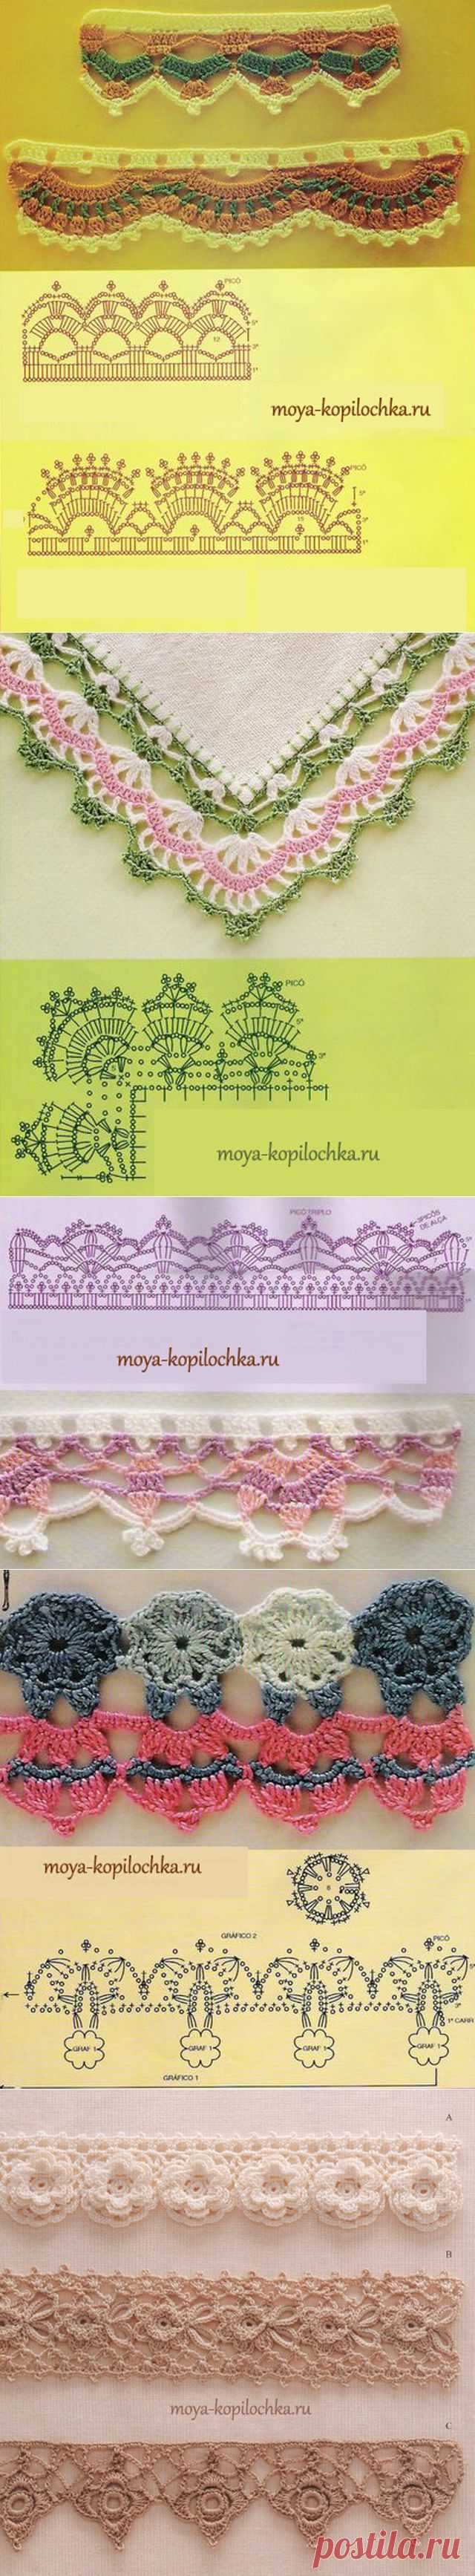 42 образца вязаного кружева для отделки края изделия со схемами - Вязание - Моя копилочка